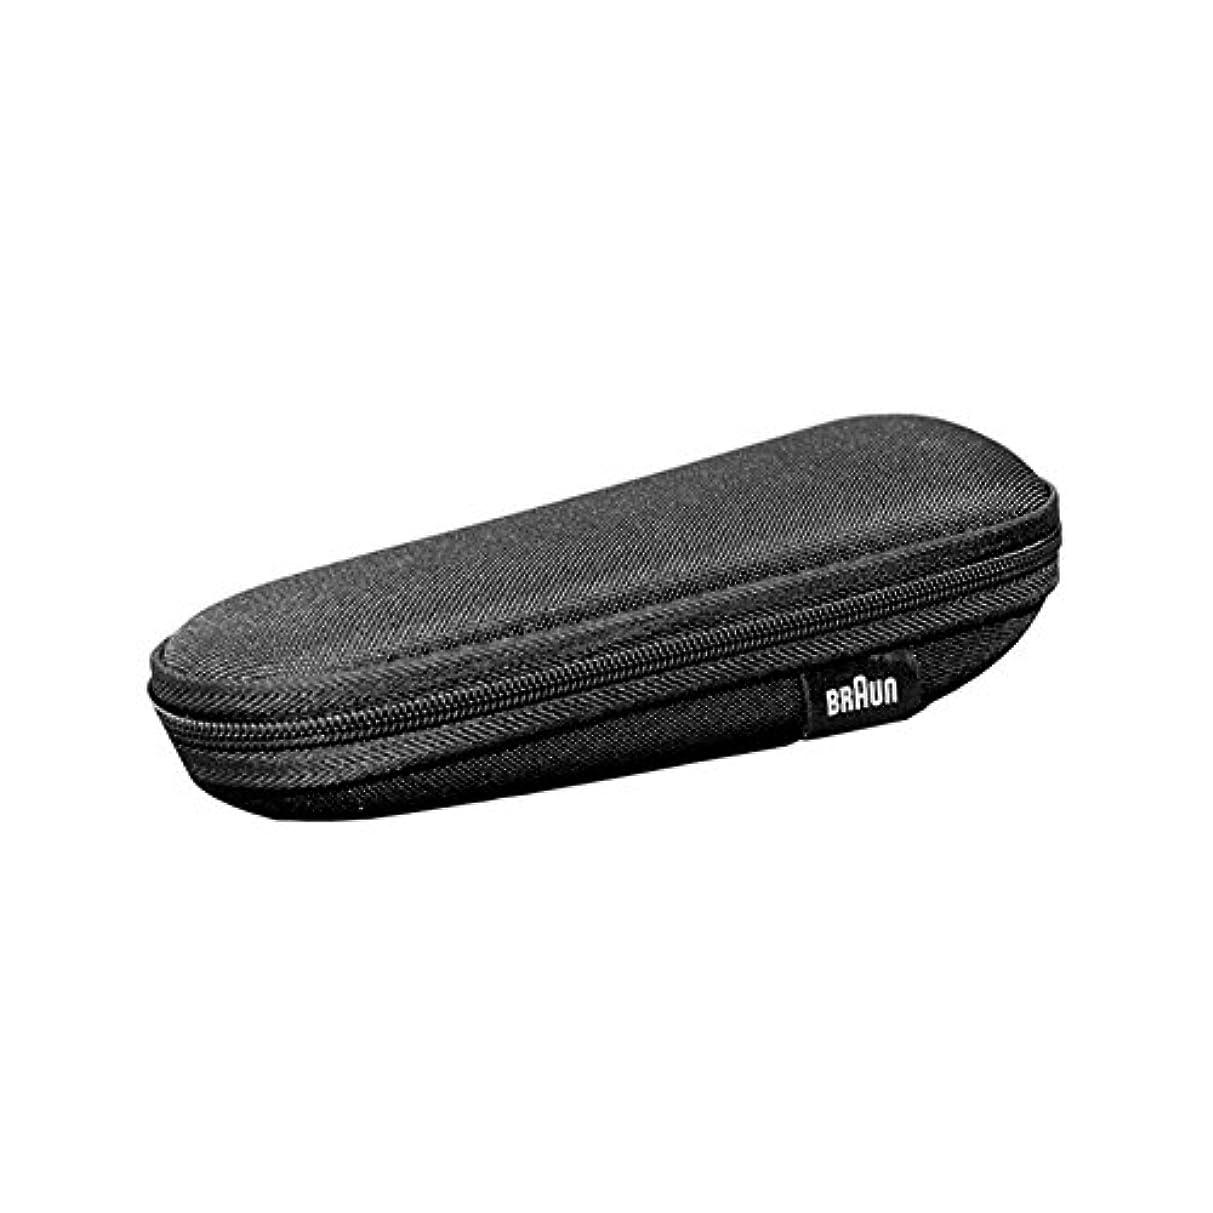 騙す飼いならす乳製品HZjundasi Travel Hard ケース Protective バッグ ポーチ For Braun Shaver 3020S 3030S 3040S 3050CC